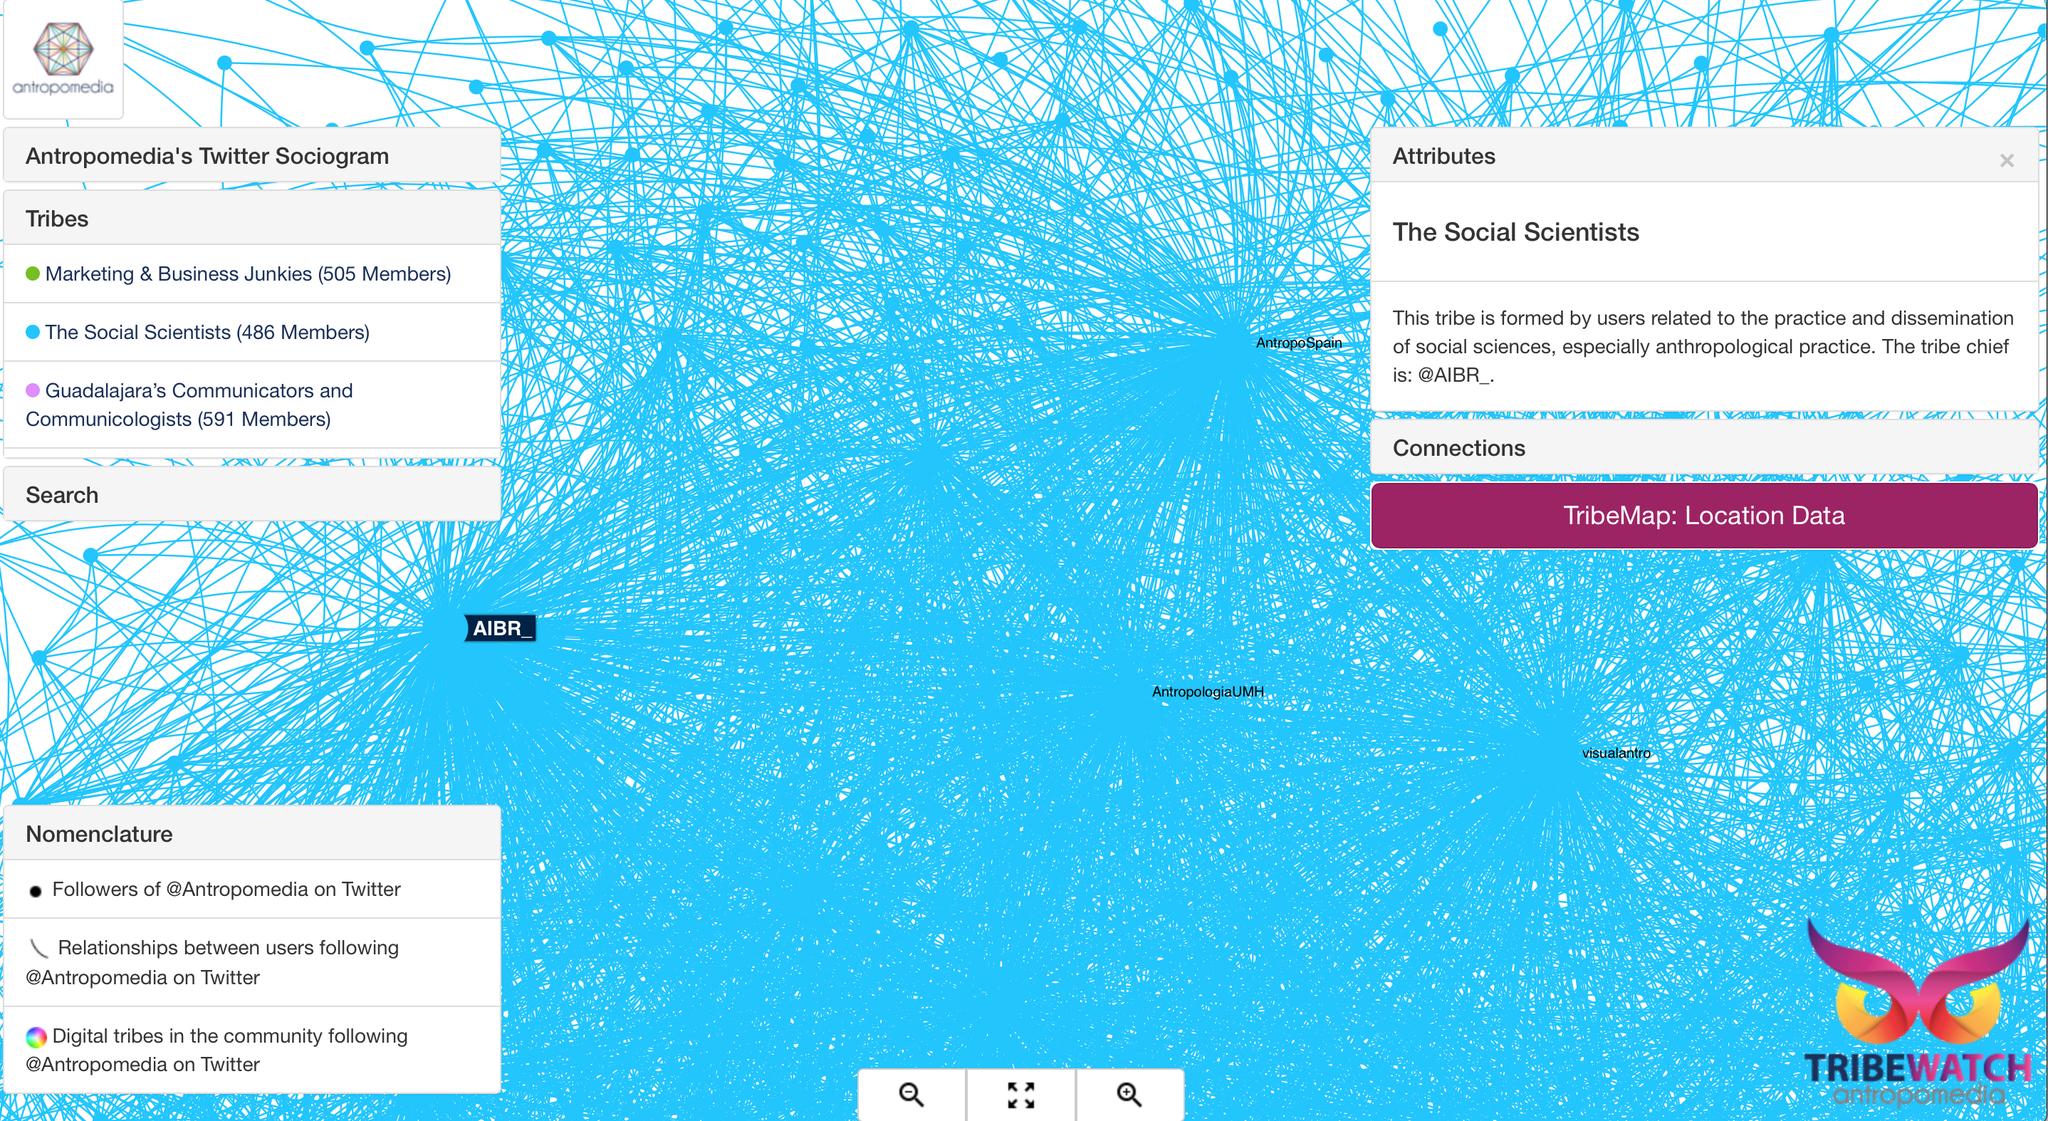 La tribu de científicos sociales (en color azul) la componen seguidores de Antropomedia en Twitter vinculados por la práctica antropológica.